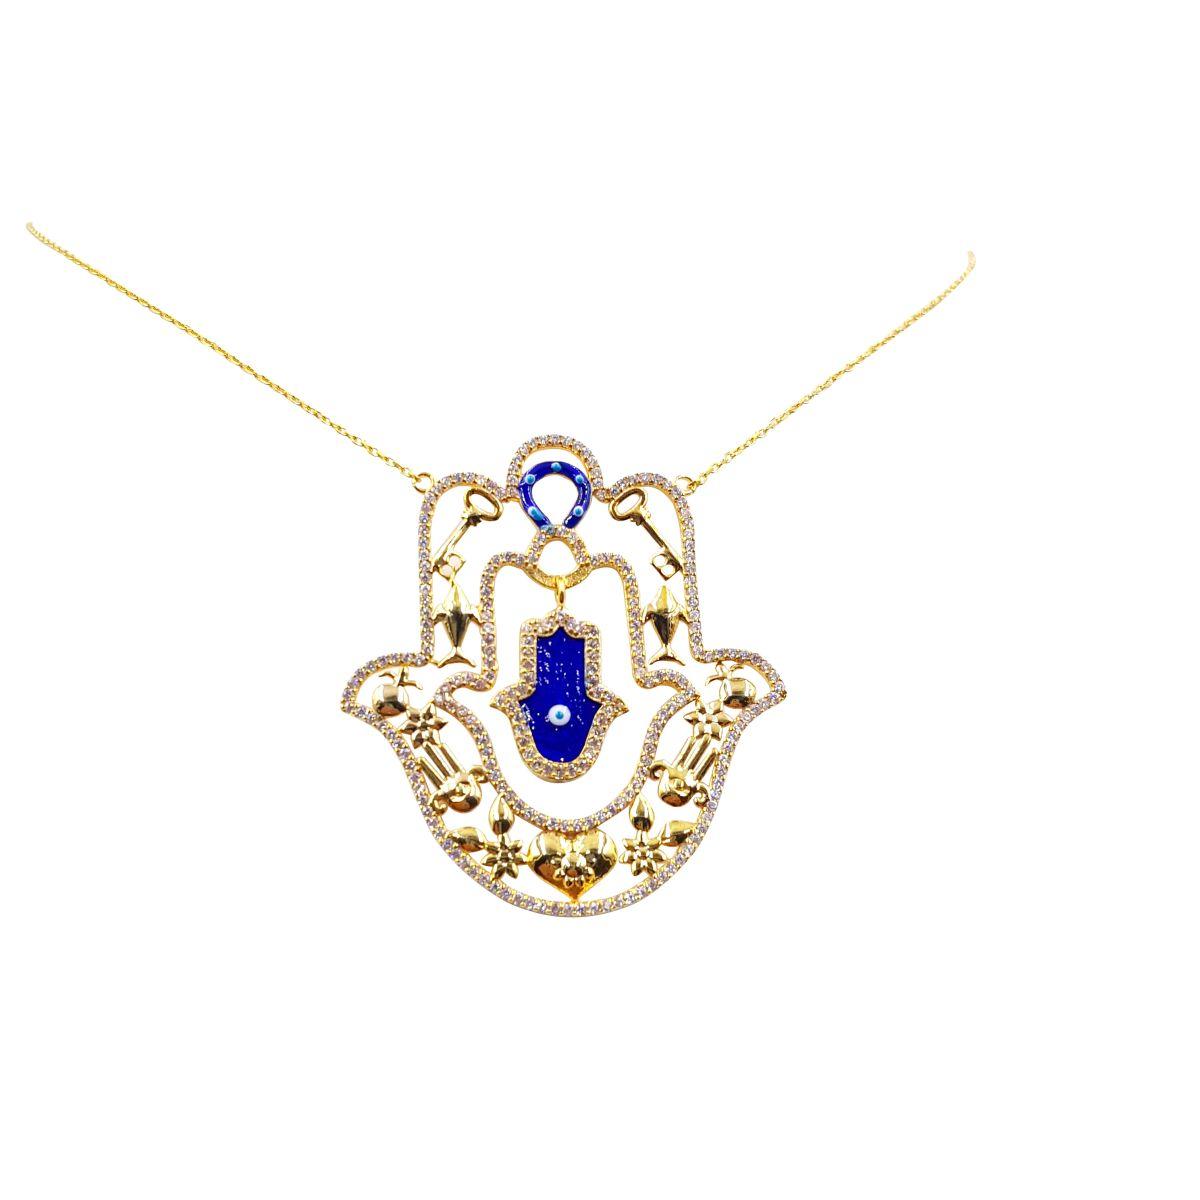 14k gold over sterling silver evil eye large hamsa necklace 14k gold over sterling silver evil eye large hamsa necklace aloadofball Choice Image